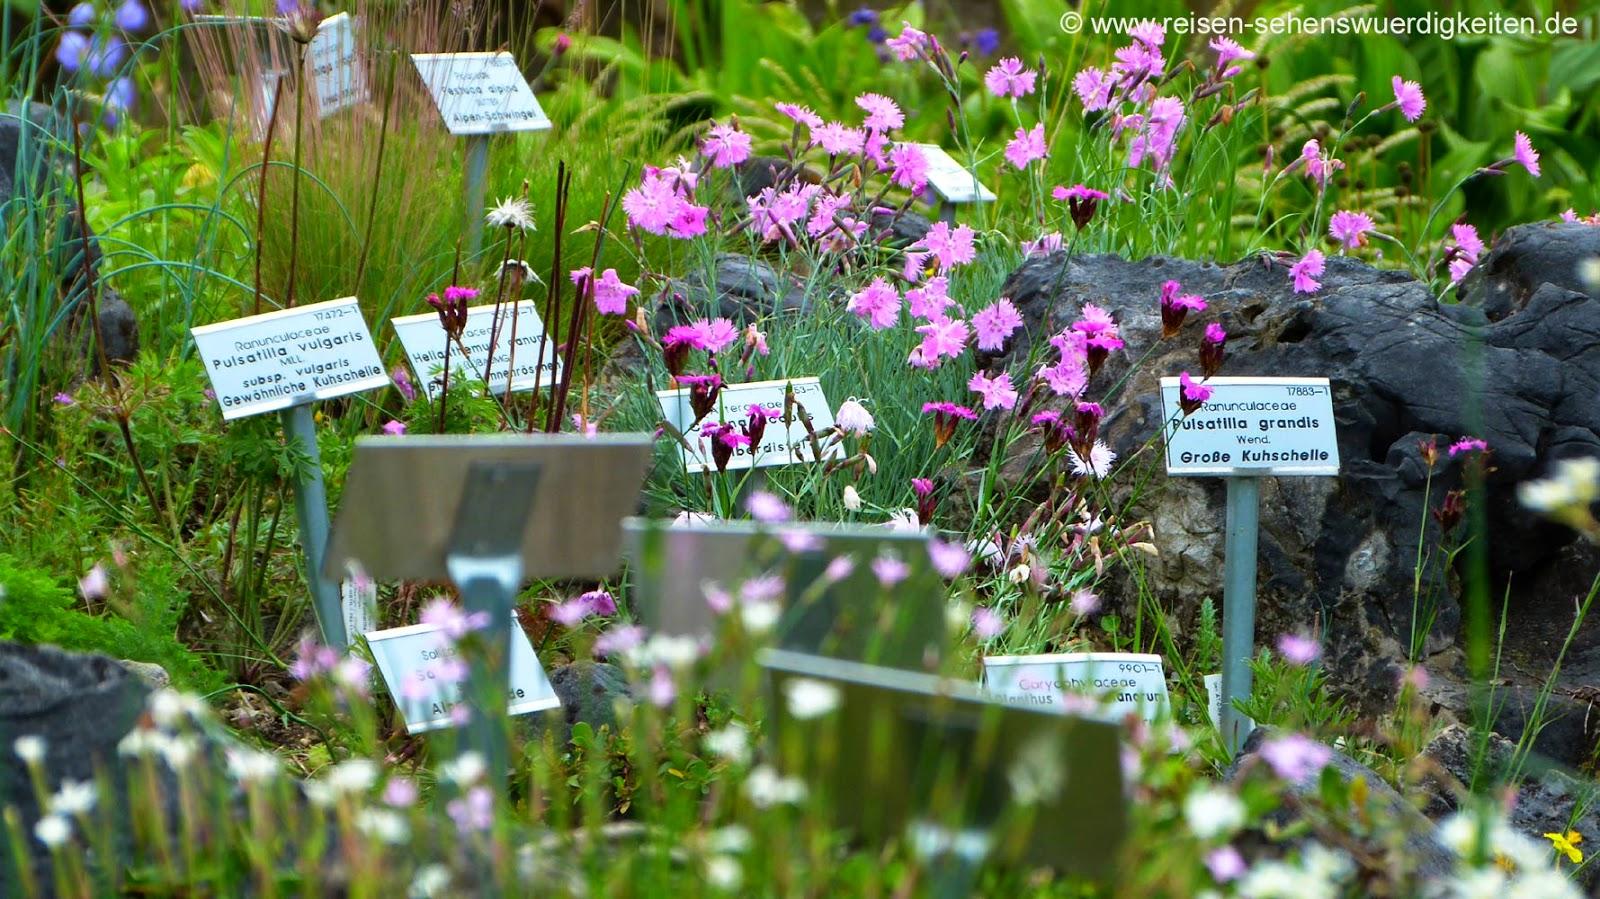 Grosse Kuhschelle und Gewöhnliche Kuhschelle im Botanischen Garten